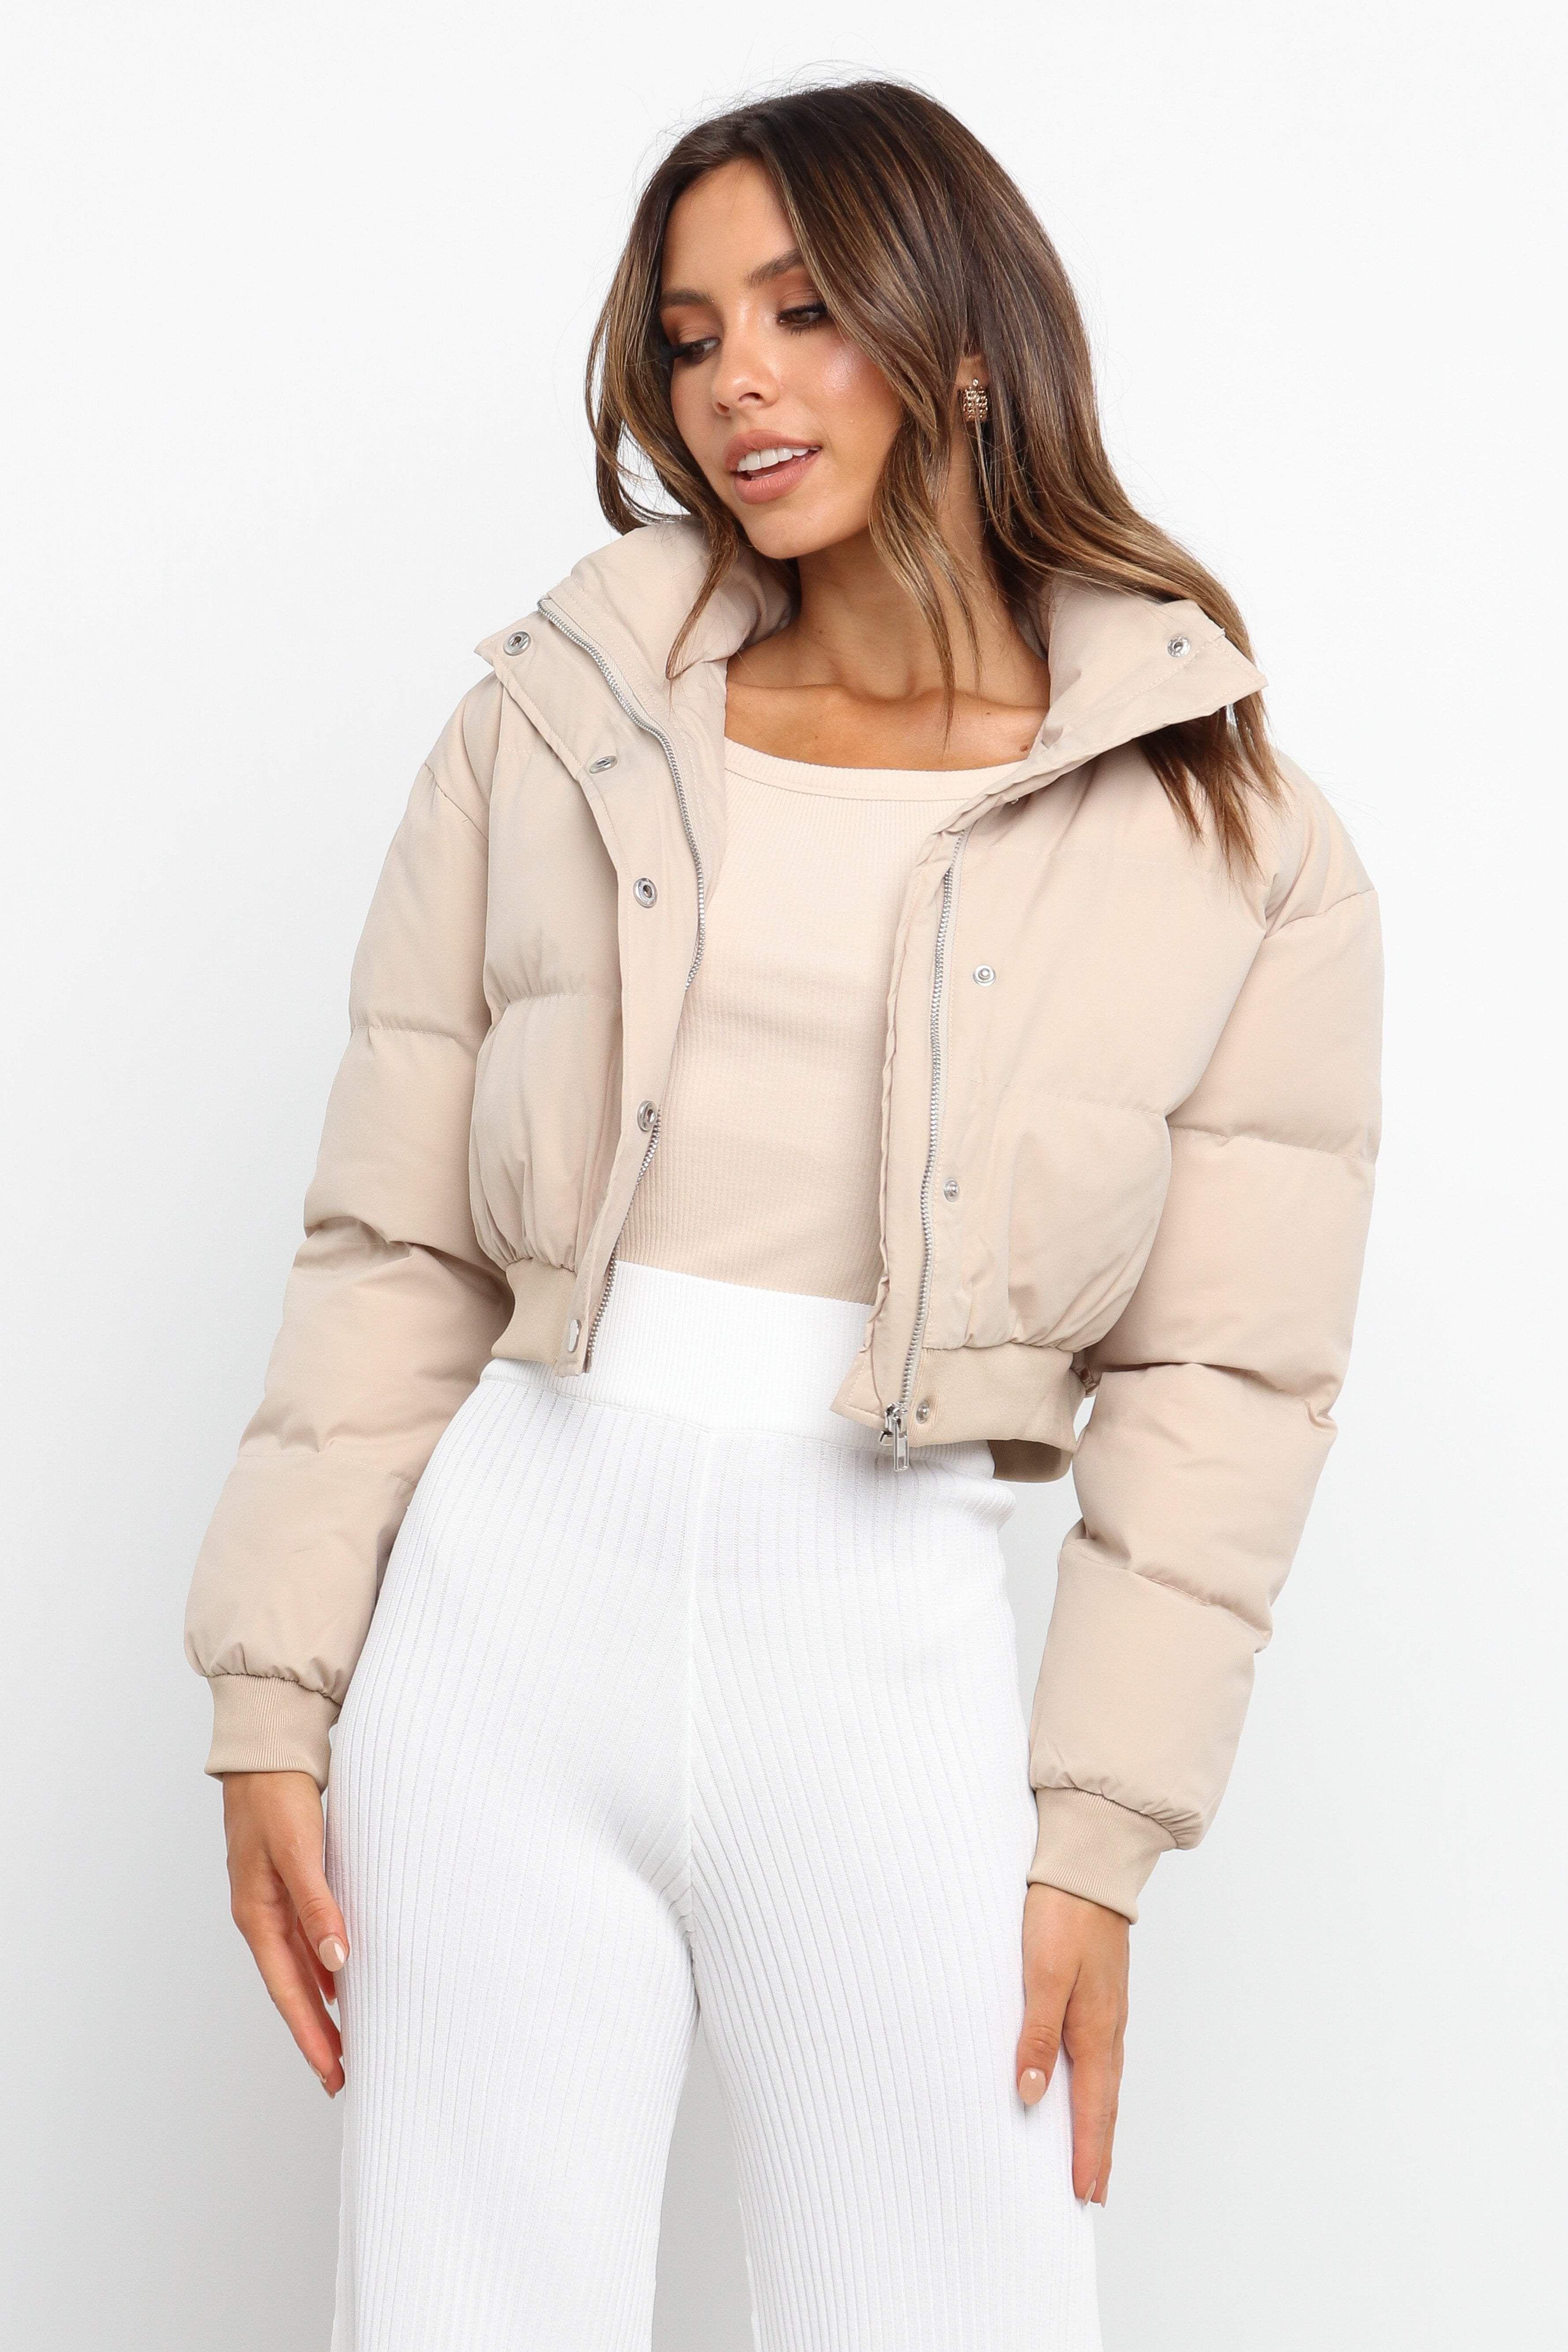 Zavia Jacket Beige 6 Puffer Jacket Long Beige Puffer Jacket Fashion [ 5338 x 3559 Pixel ]